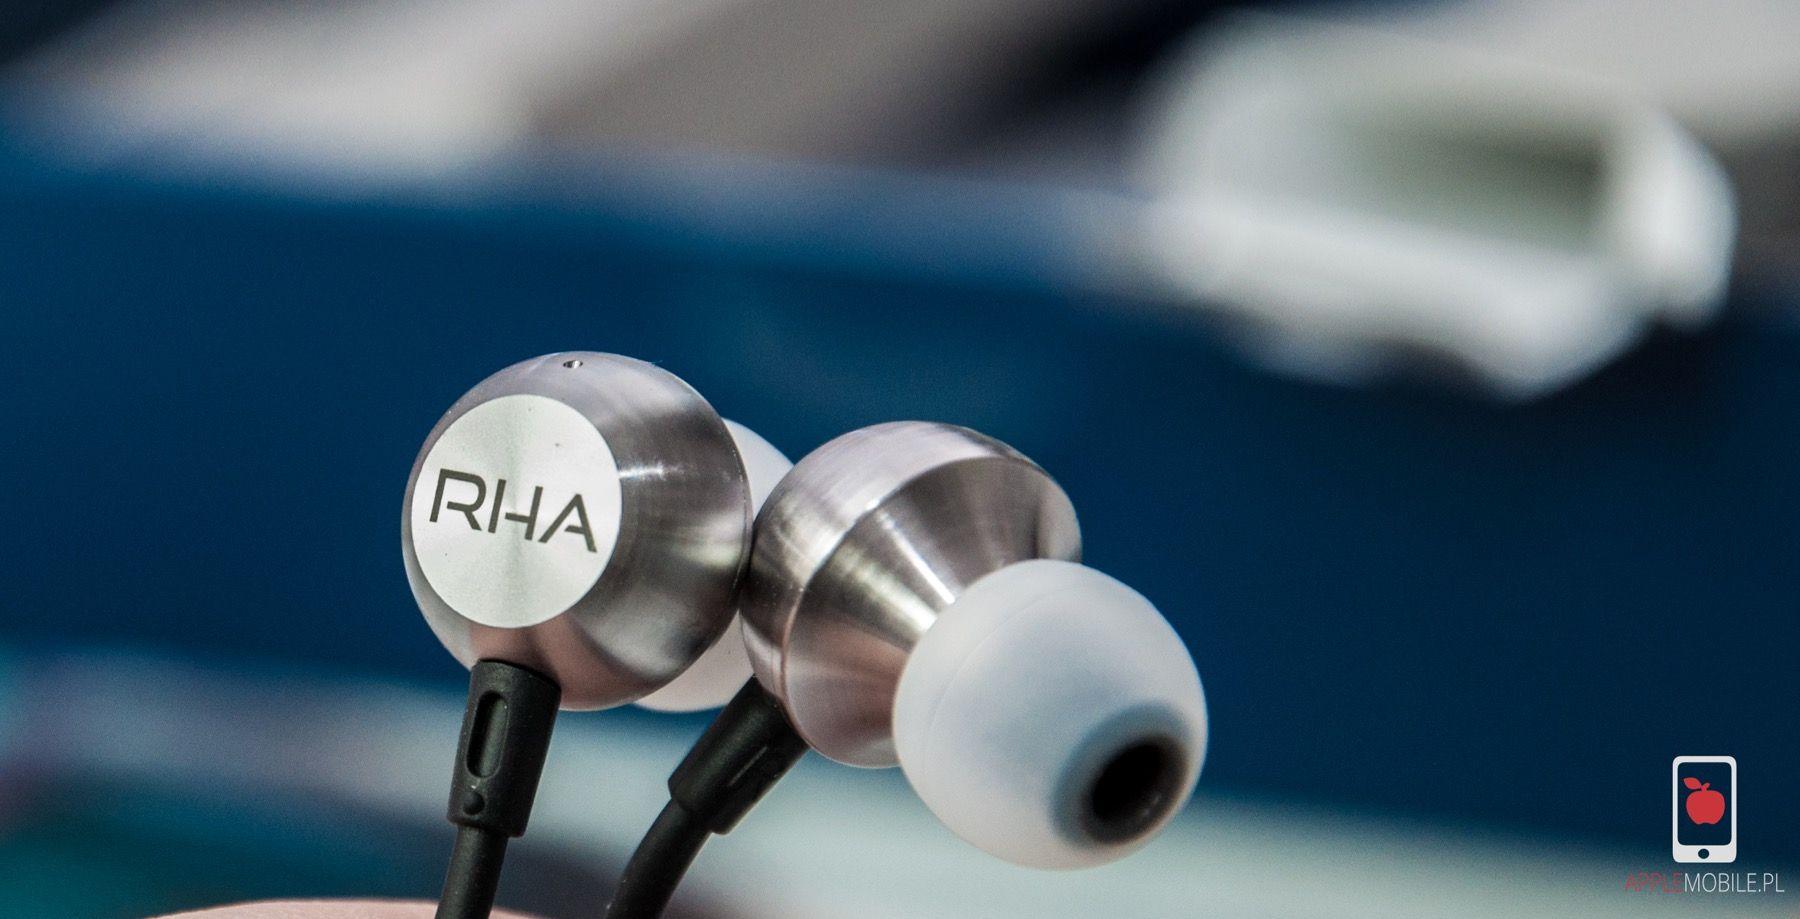 Recenzja słuchawek RHA MA650 – jakość, jakość, jakość i do tego aptX!